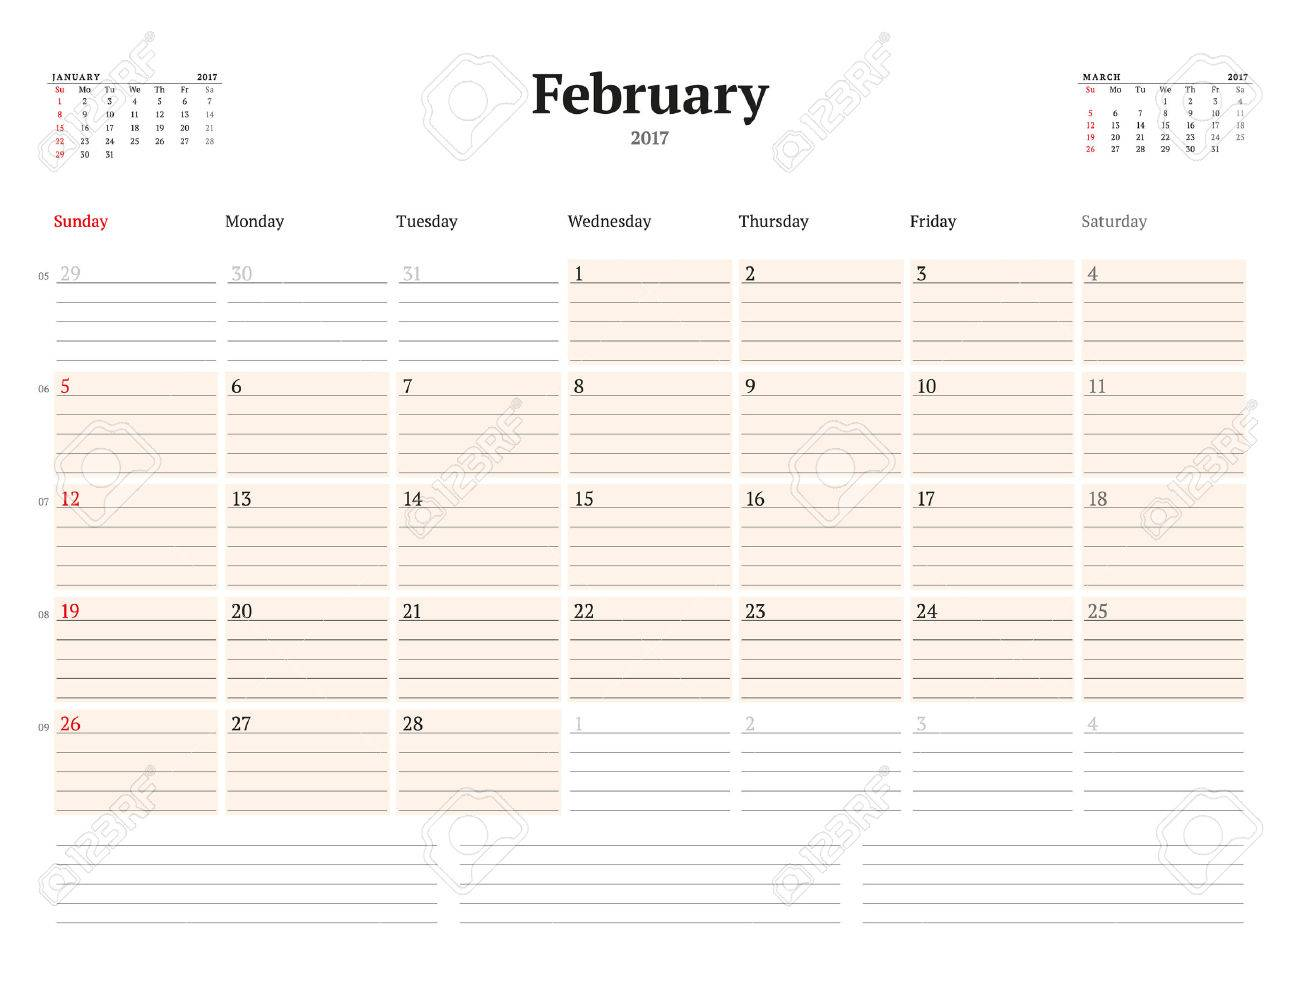 Kalendervorlage Für 2017 Jahr. Februar. Business Planner Vorlage ...